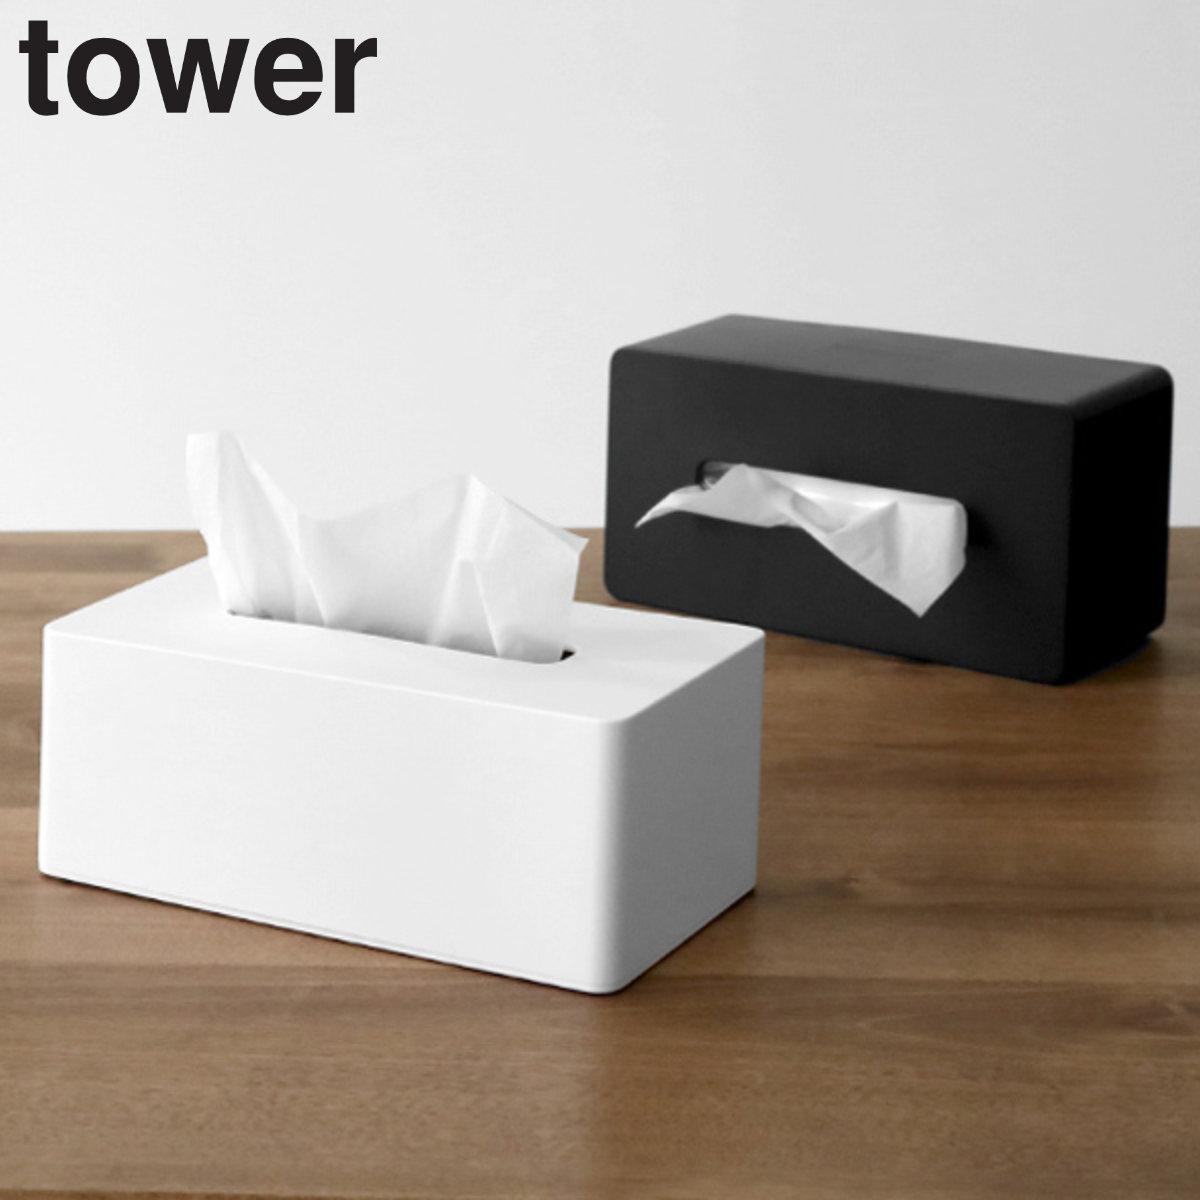 厚型対応ティッシュケース tower タワー